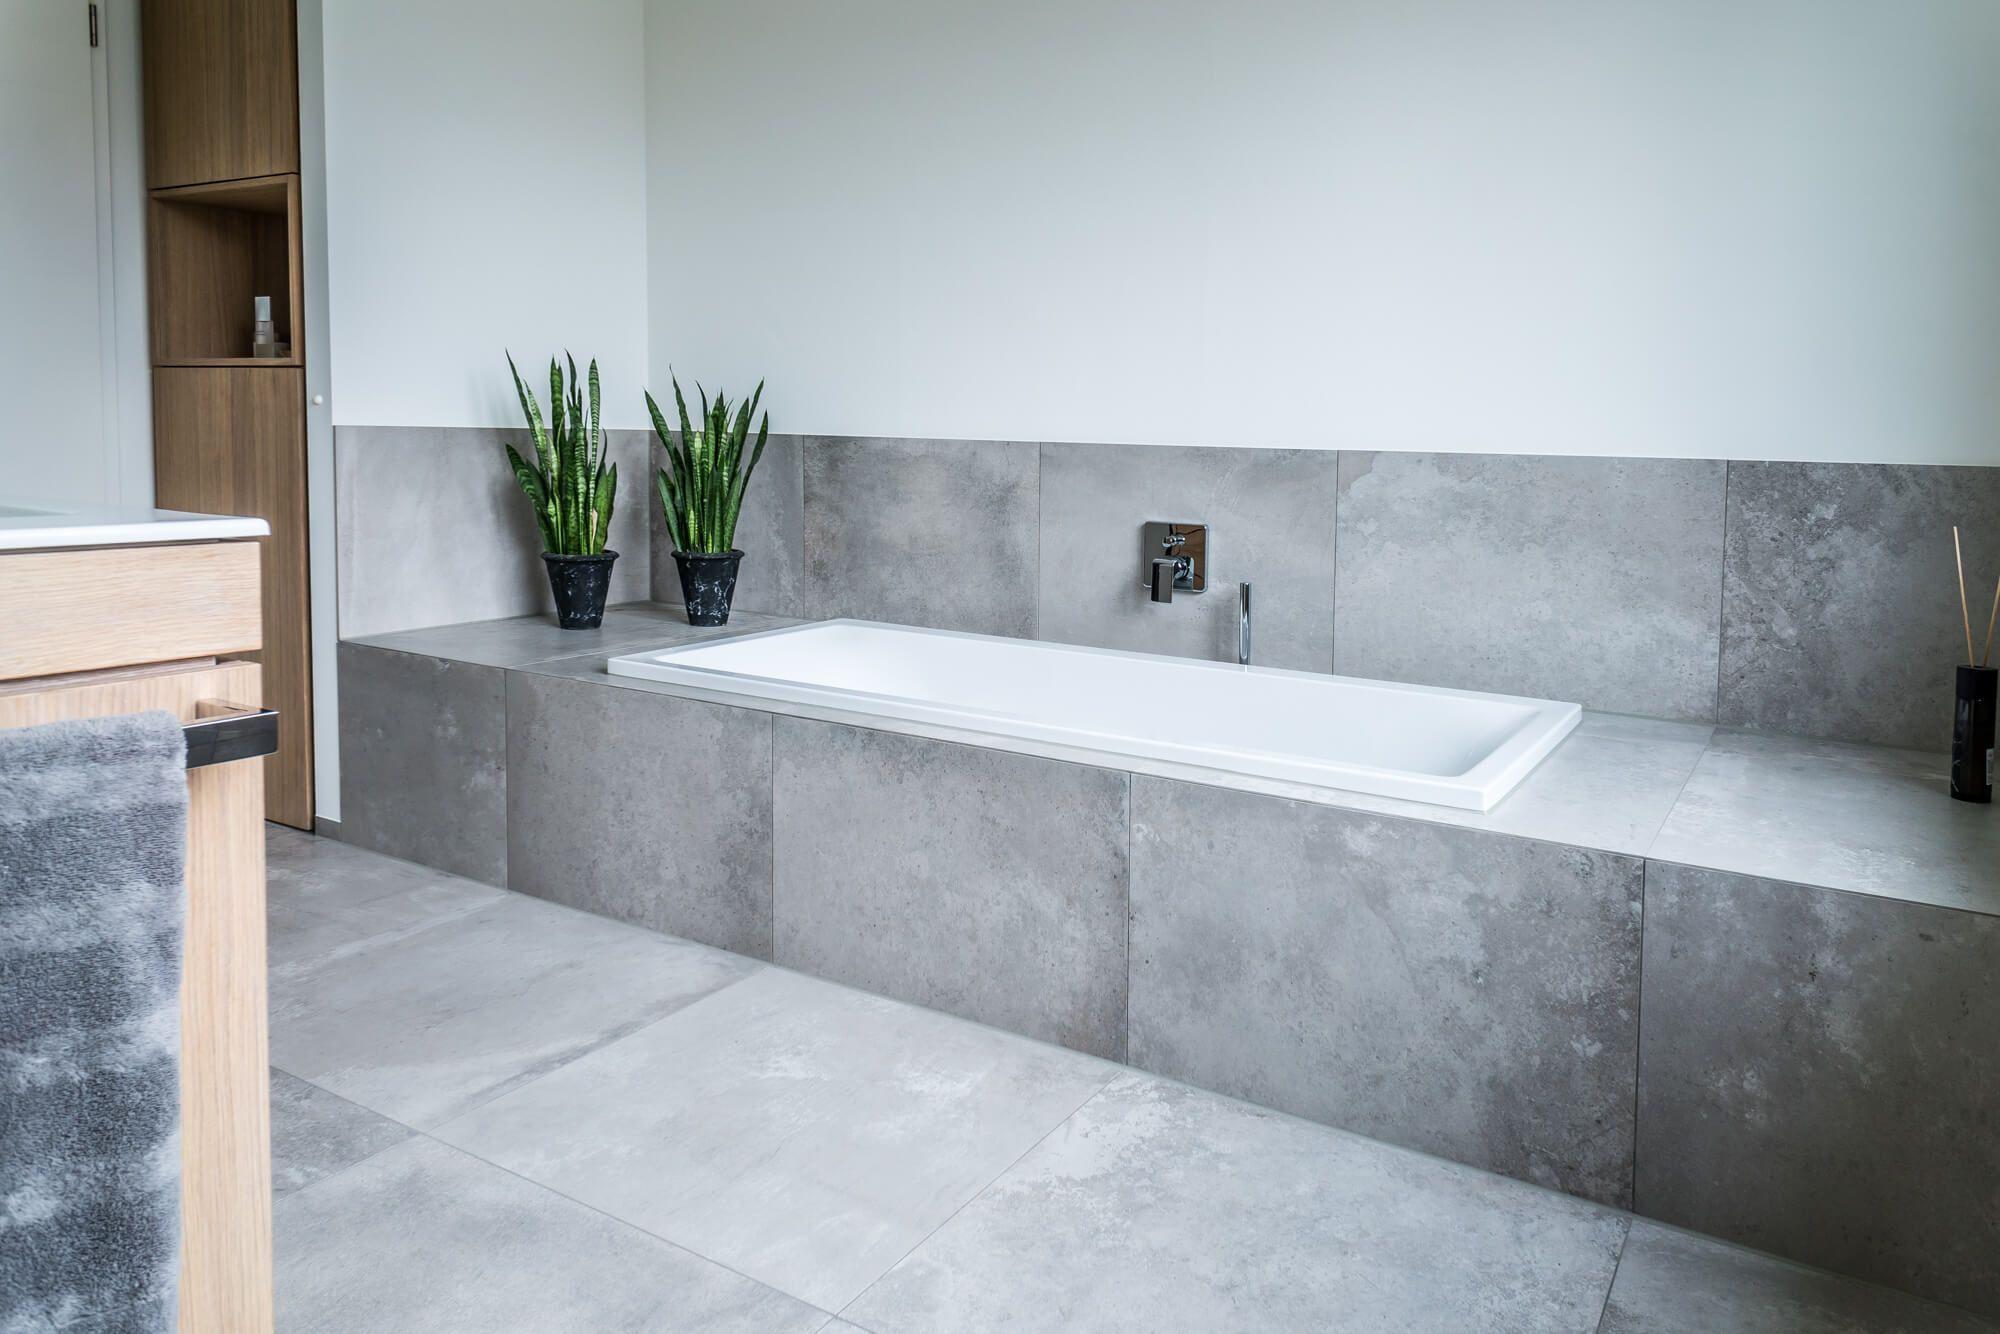 Badezimmer design neu wandverkleidung bad ohne fliesen neu bad ohne fliesen wohndesign